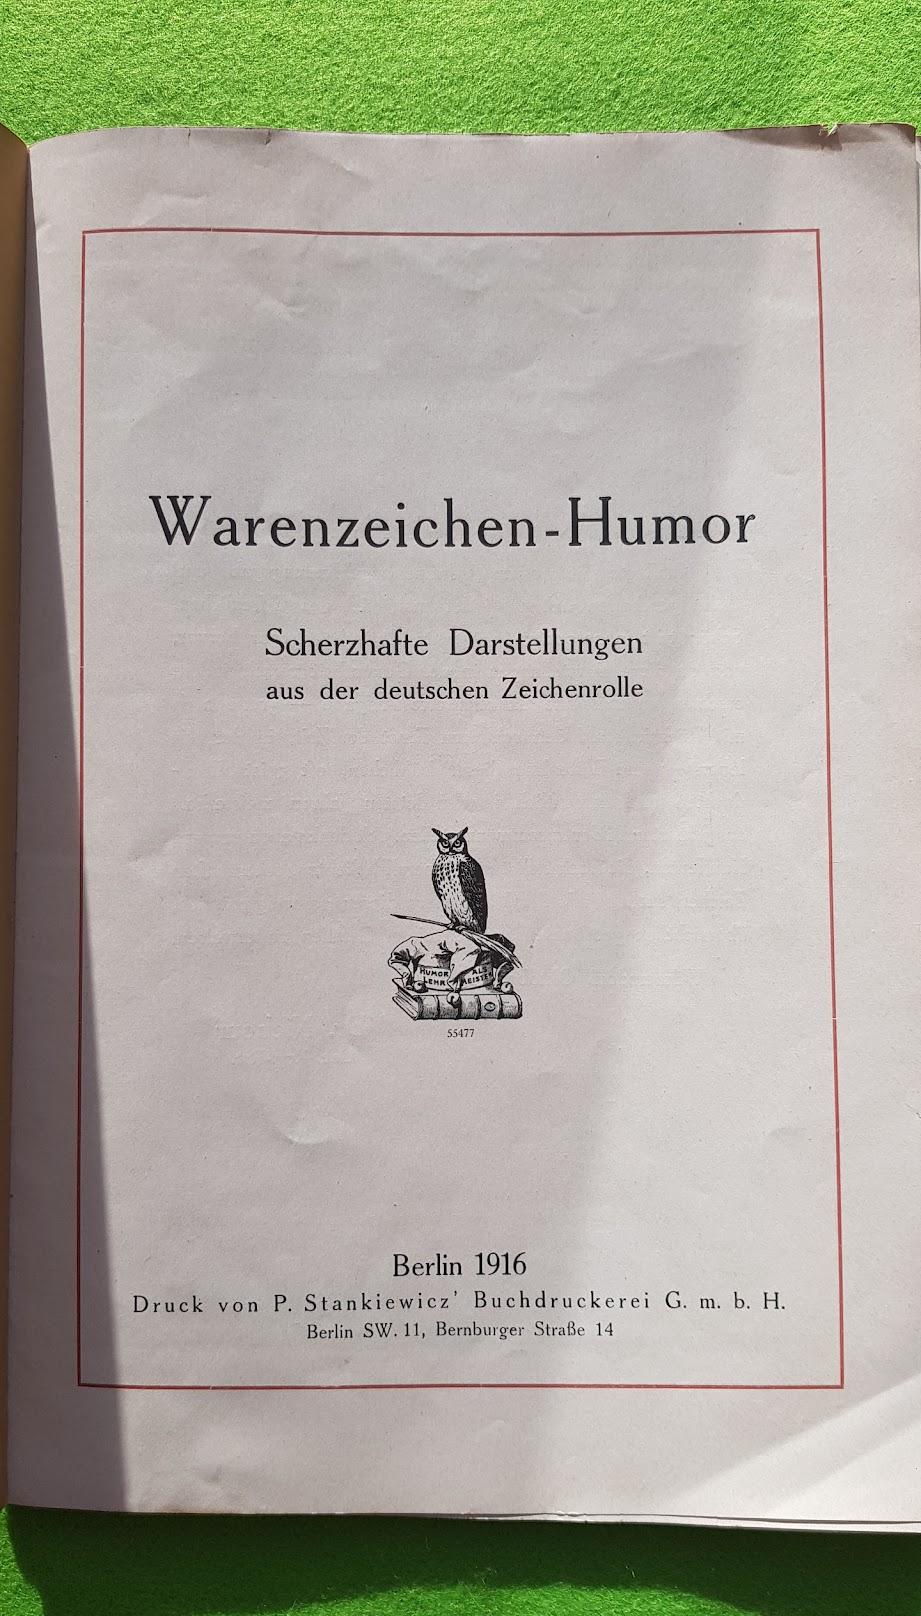 Warnezeichen-Humor - Scherzhafte Darstellungen aus der deutschen Zeichenrolle, Berlin 1916